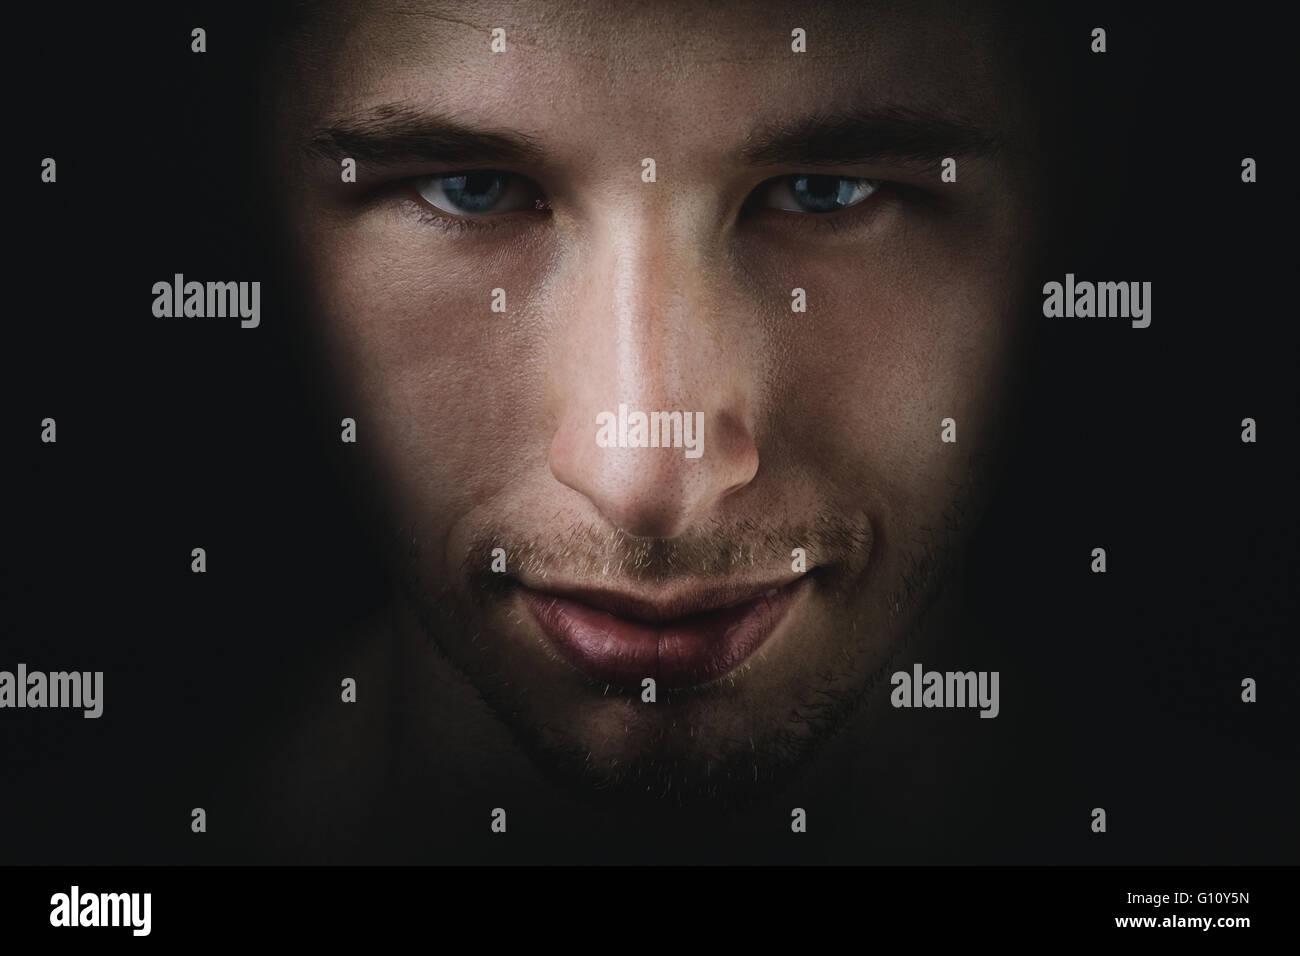 The young adult man fade portrait en noir Photo Stock